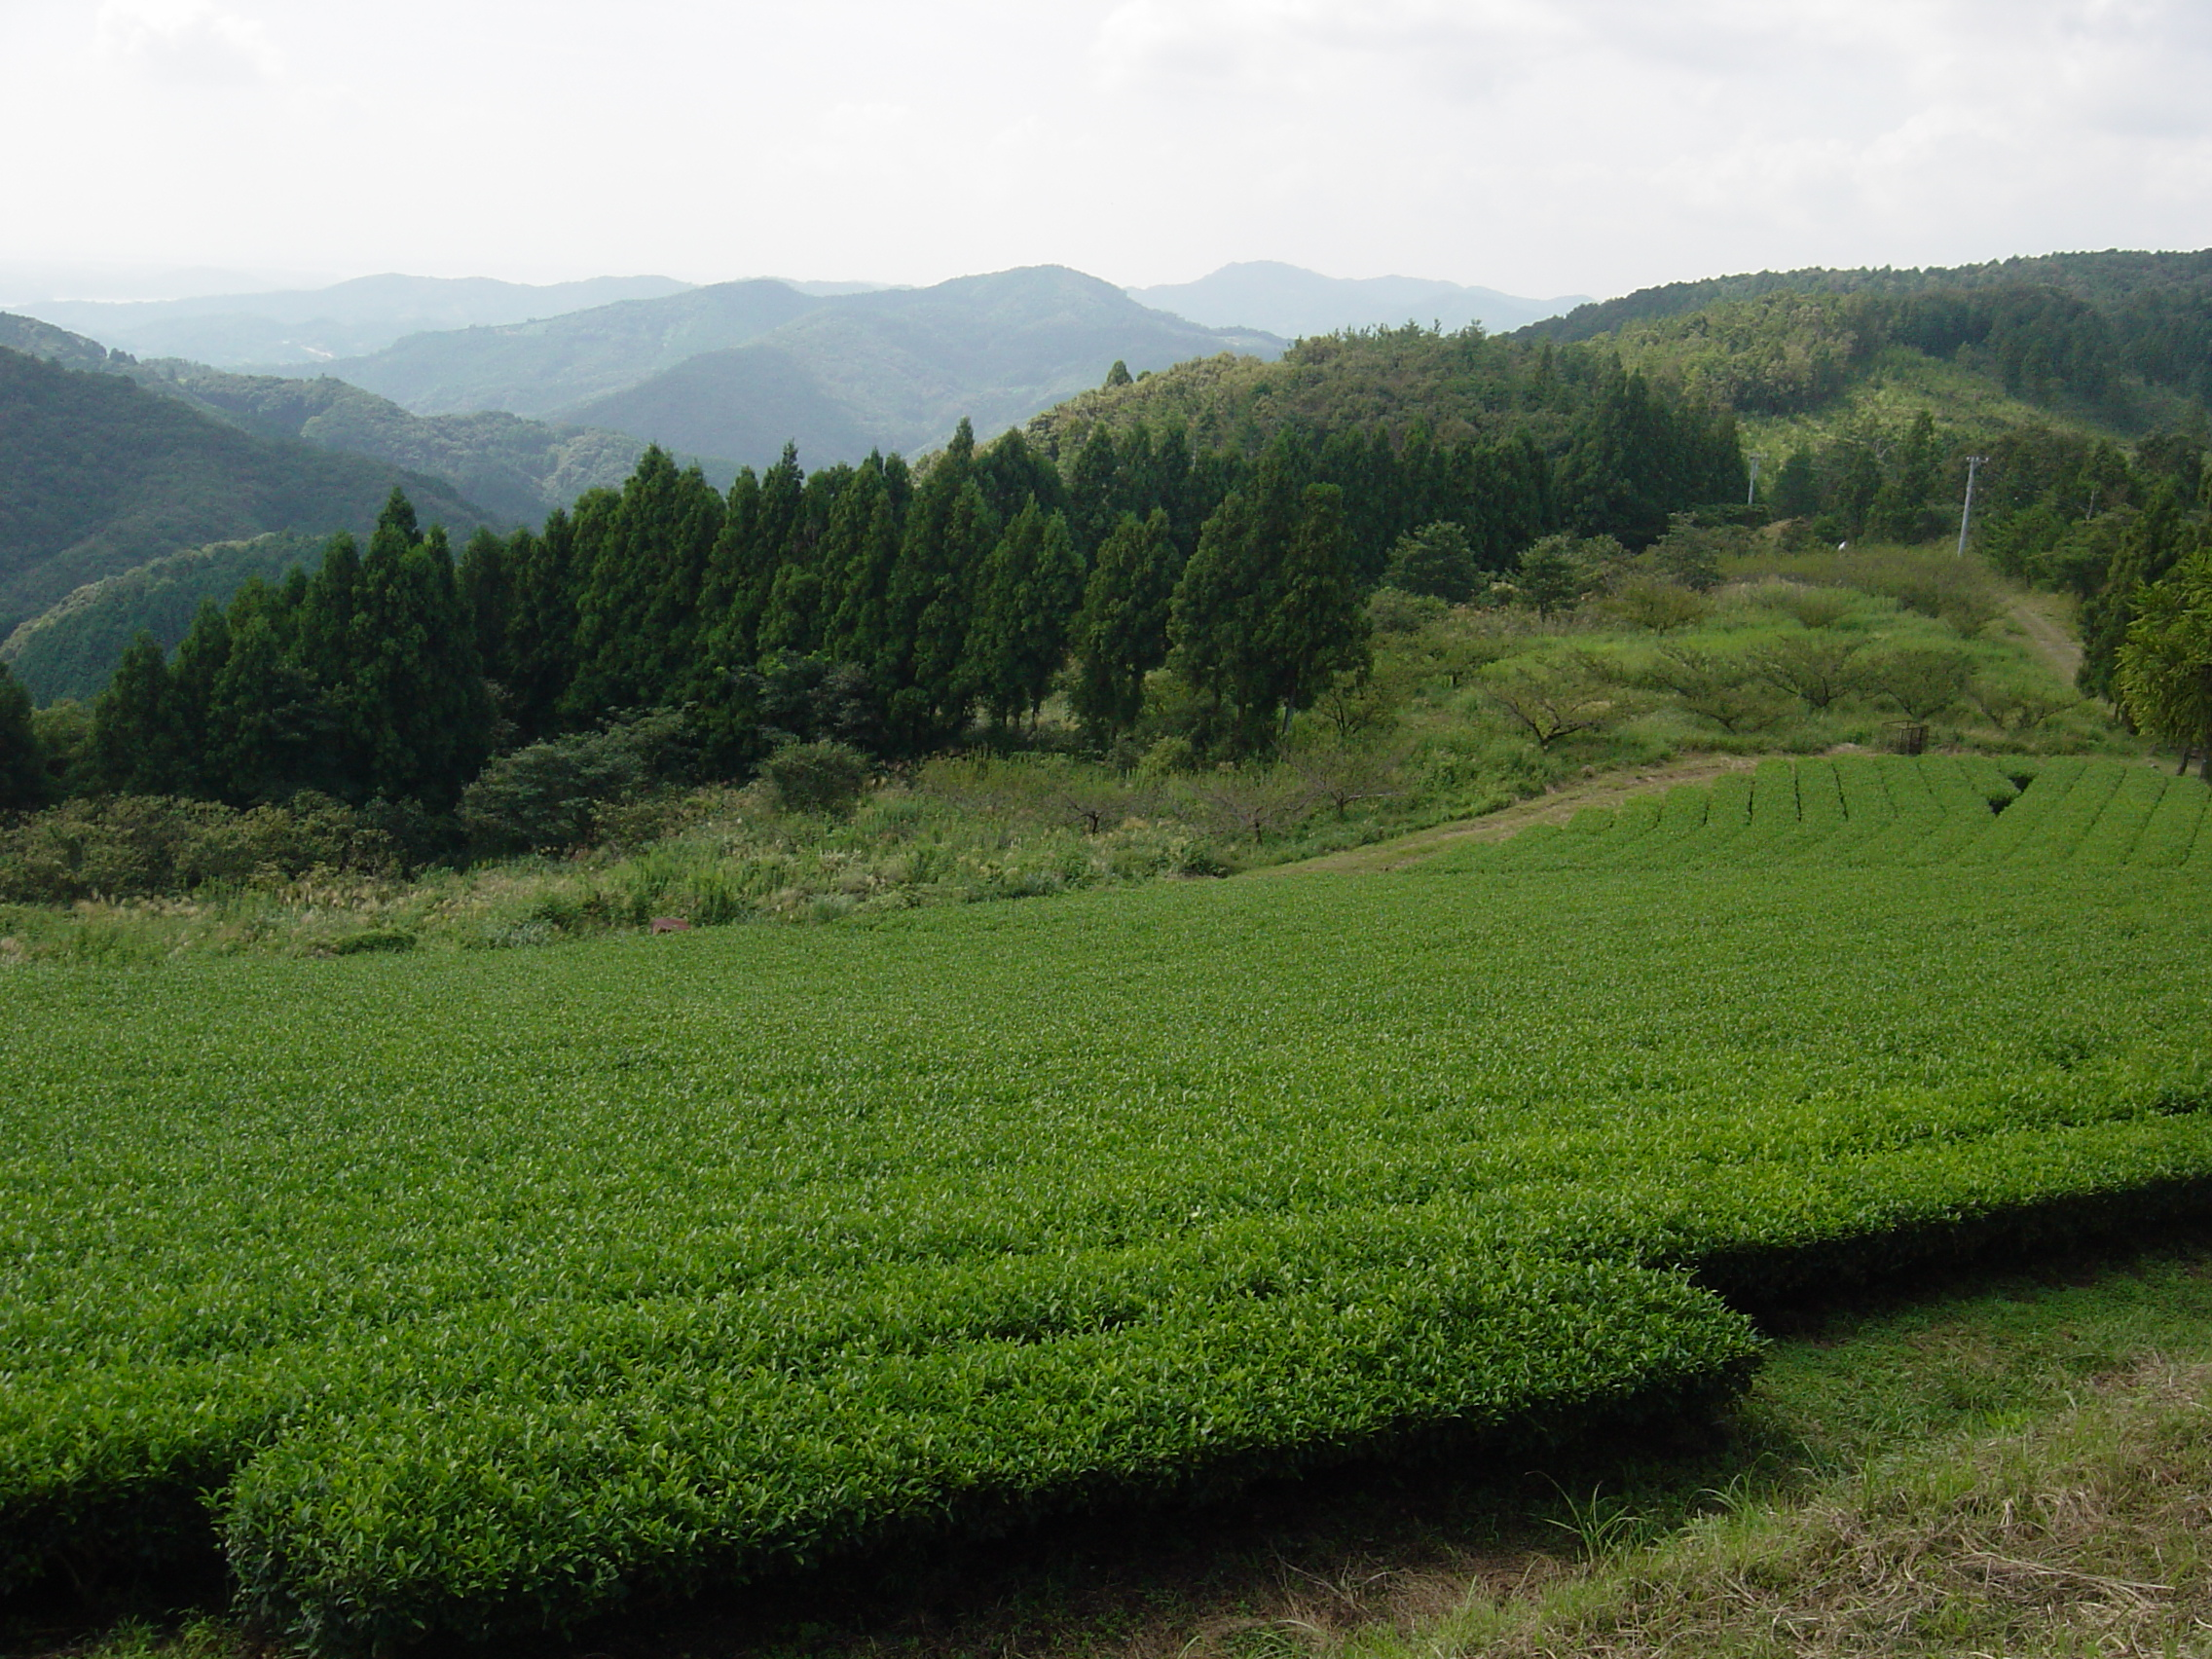 Tea farm in Nearai-cho